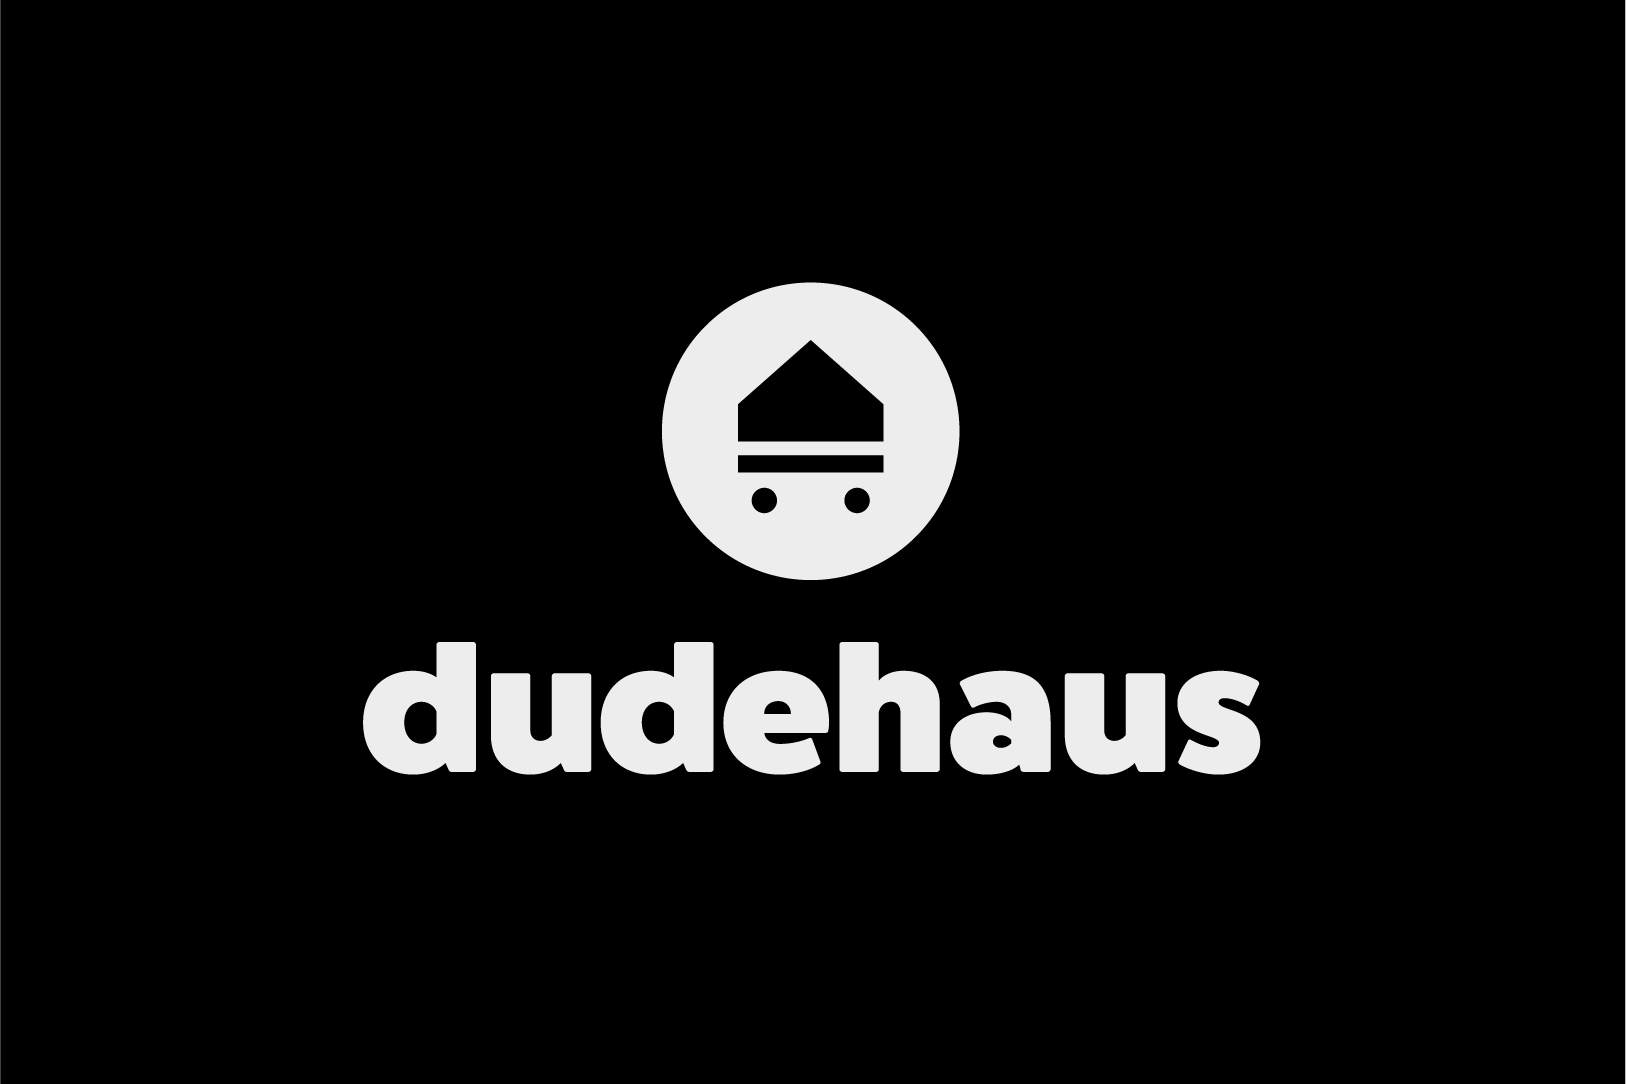 Dudehaus-logo